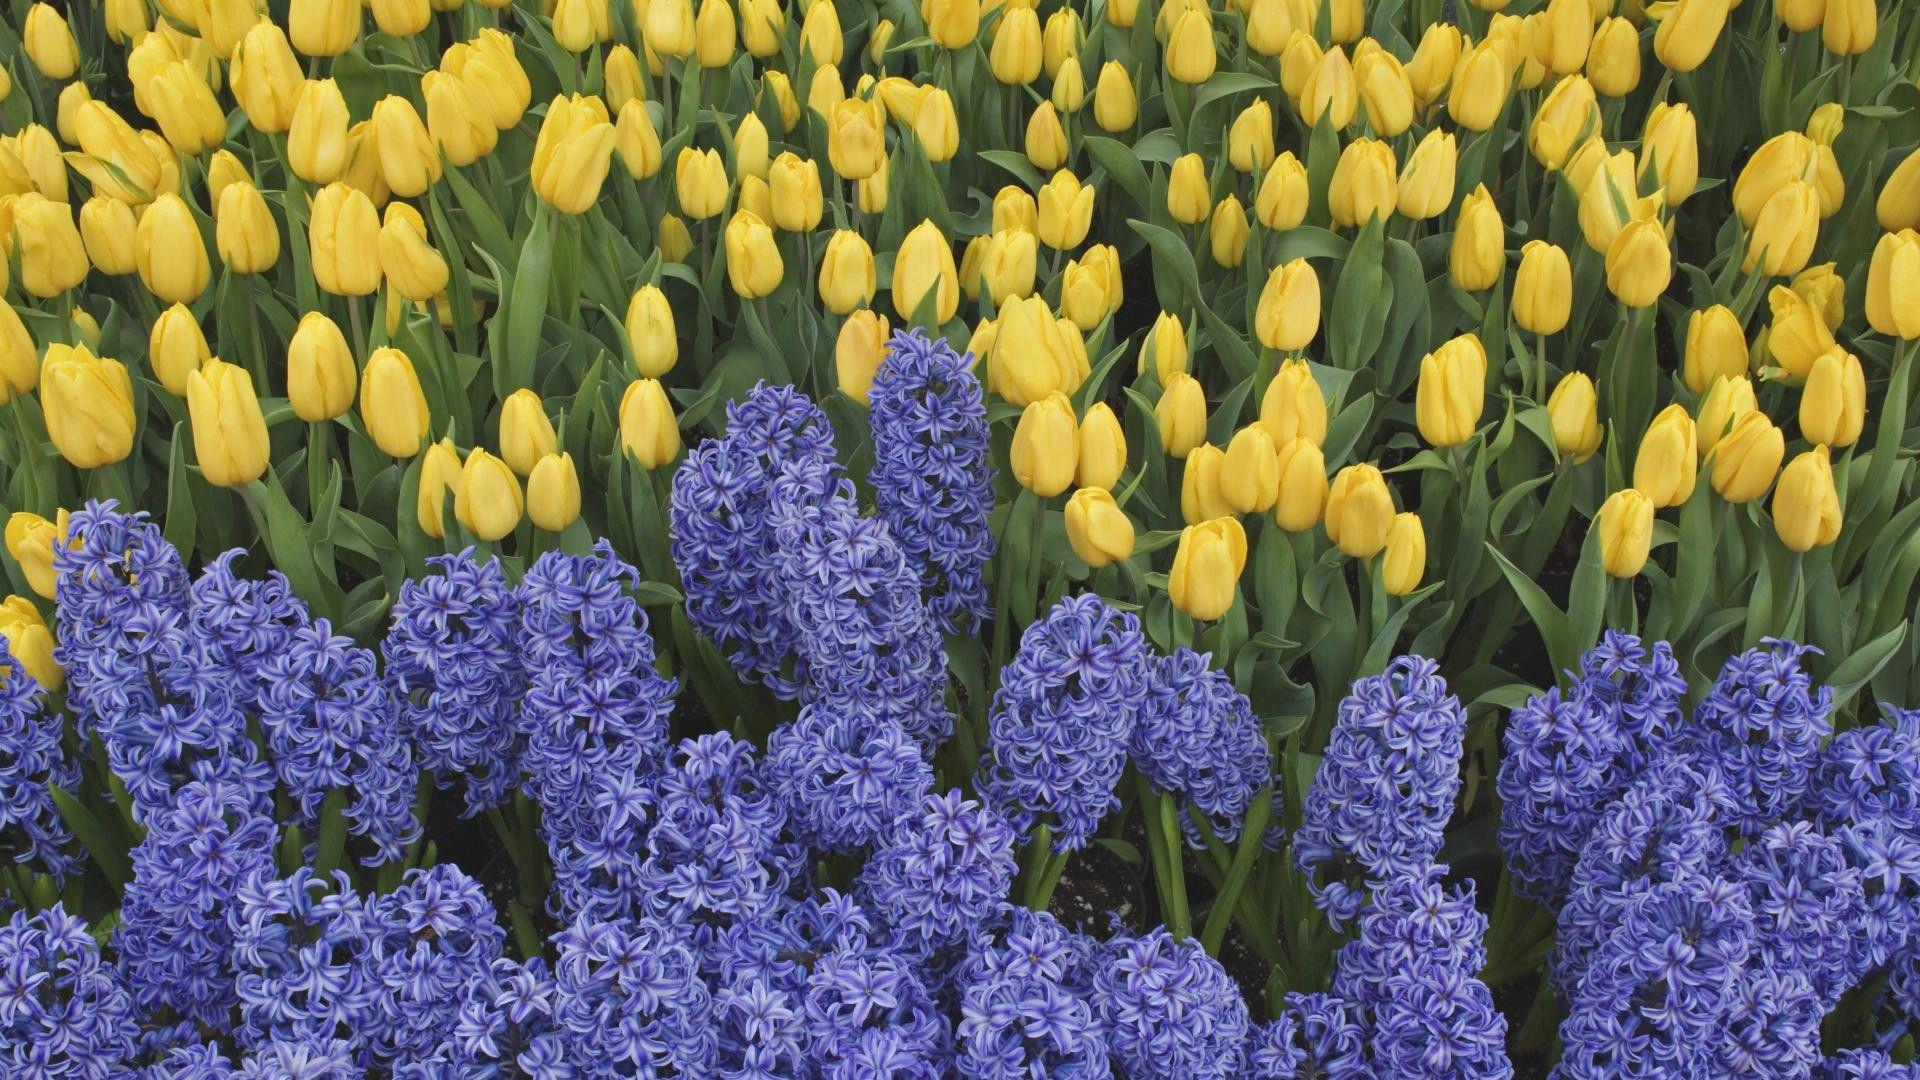 94601 скачать обои Тюльпаны, Цветы, Зелень, Клумба, Весна, Гиацинты - заставки и картинки бесплатно